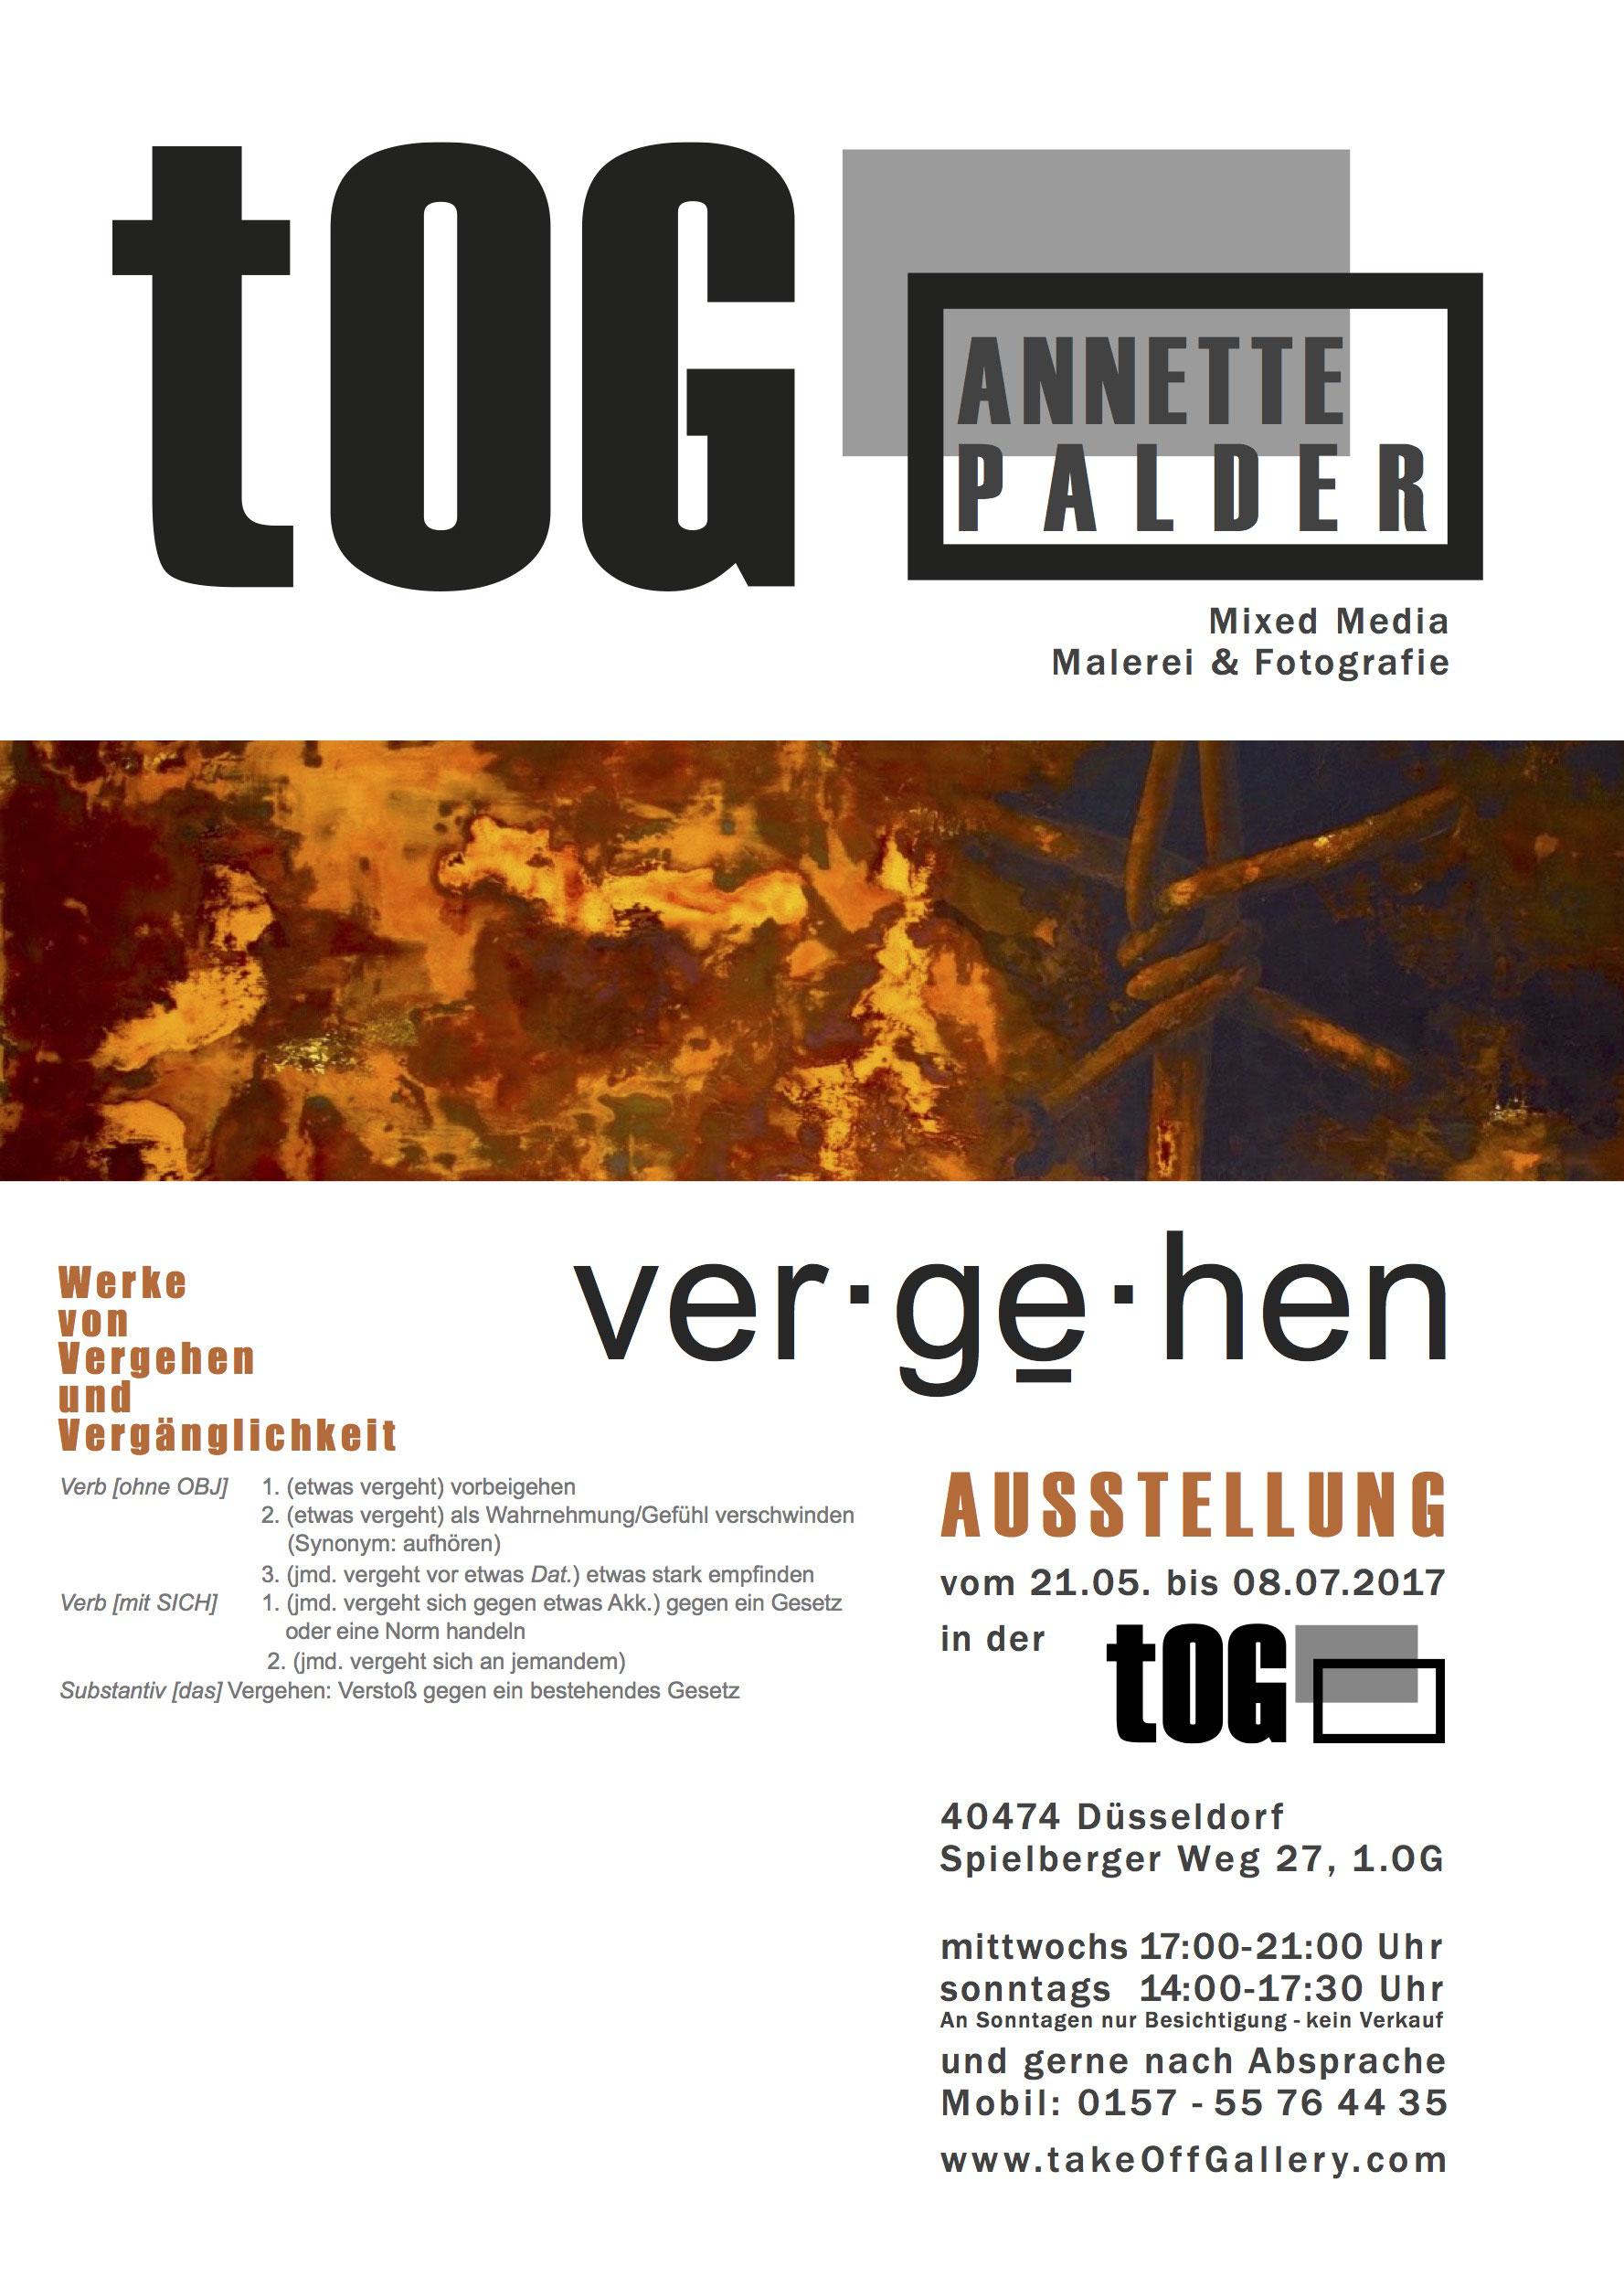 Einzelausstellung in der Düsseldorfer Galerie tOG - Annette Palder ...